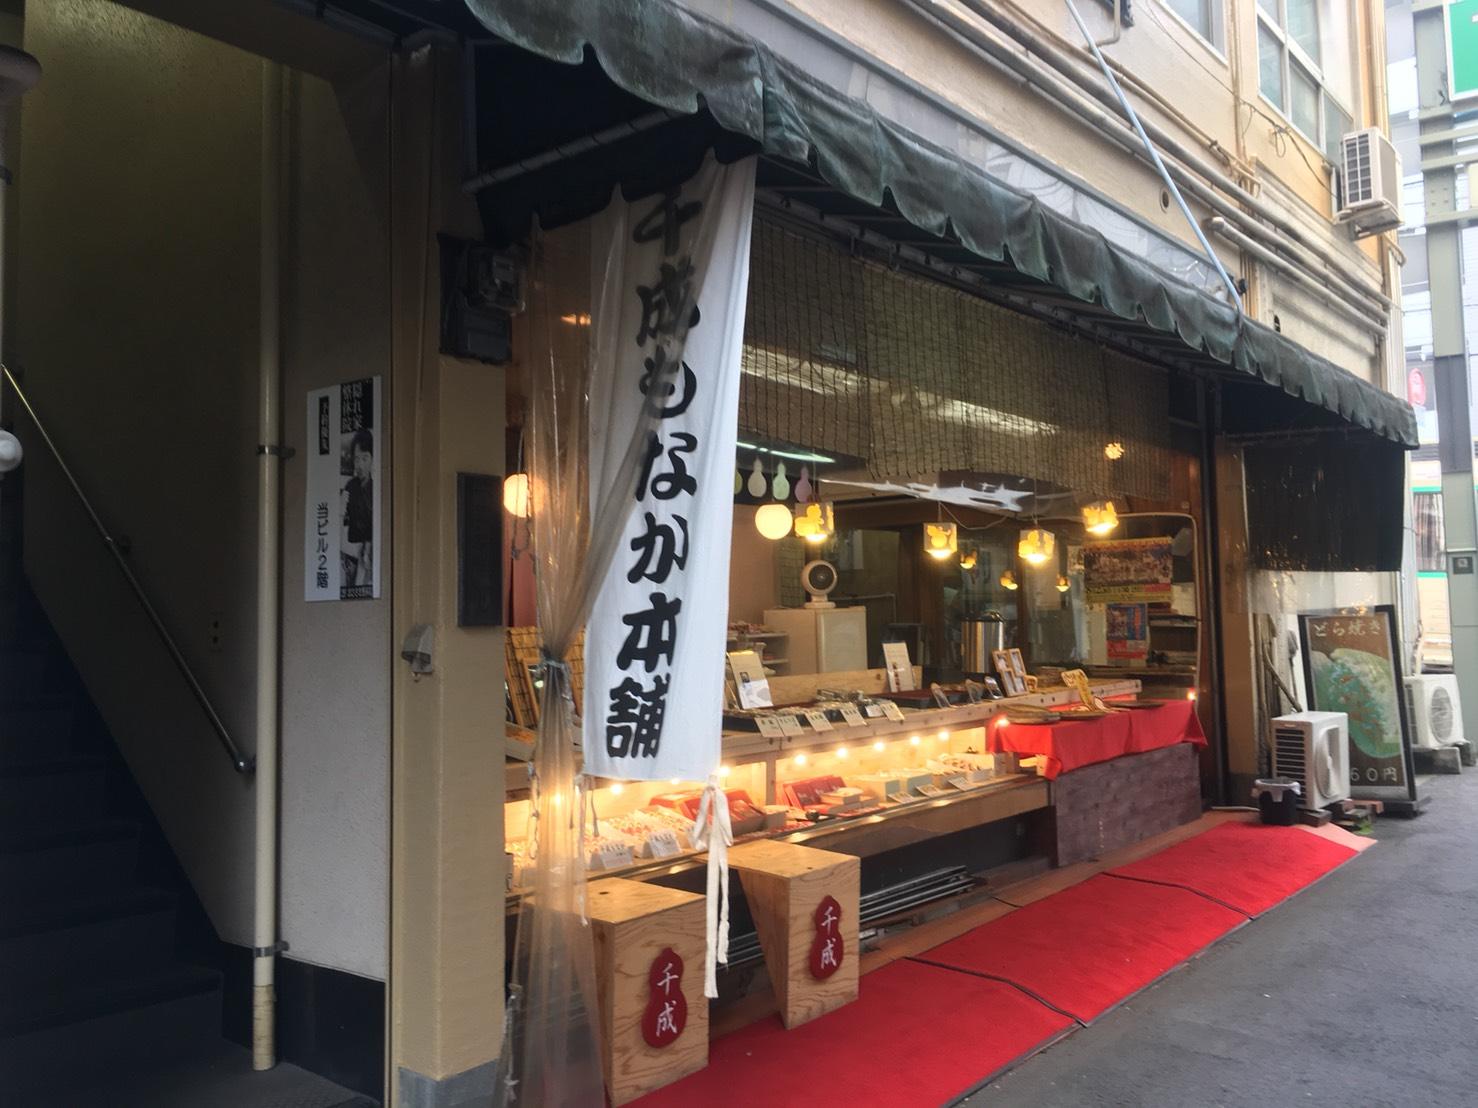 【大塚駅】もなか屋さん「千成もなか本舗」の200円のパンケーキの外観